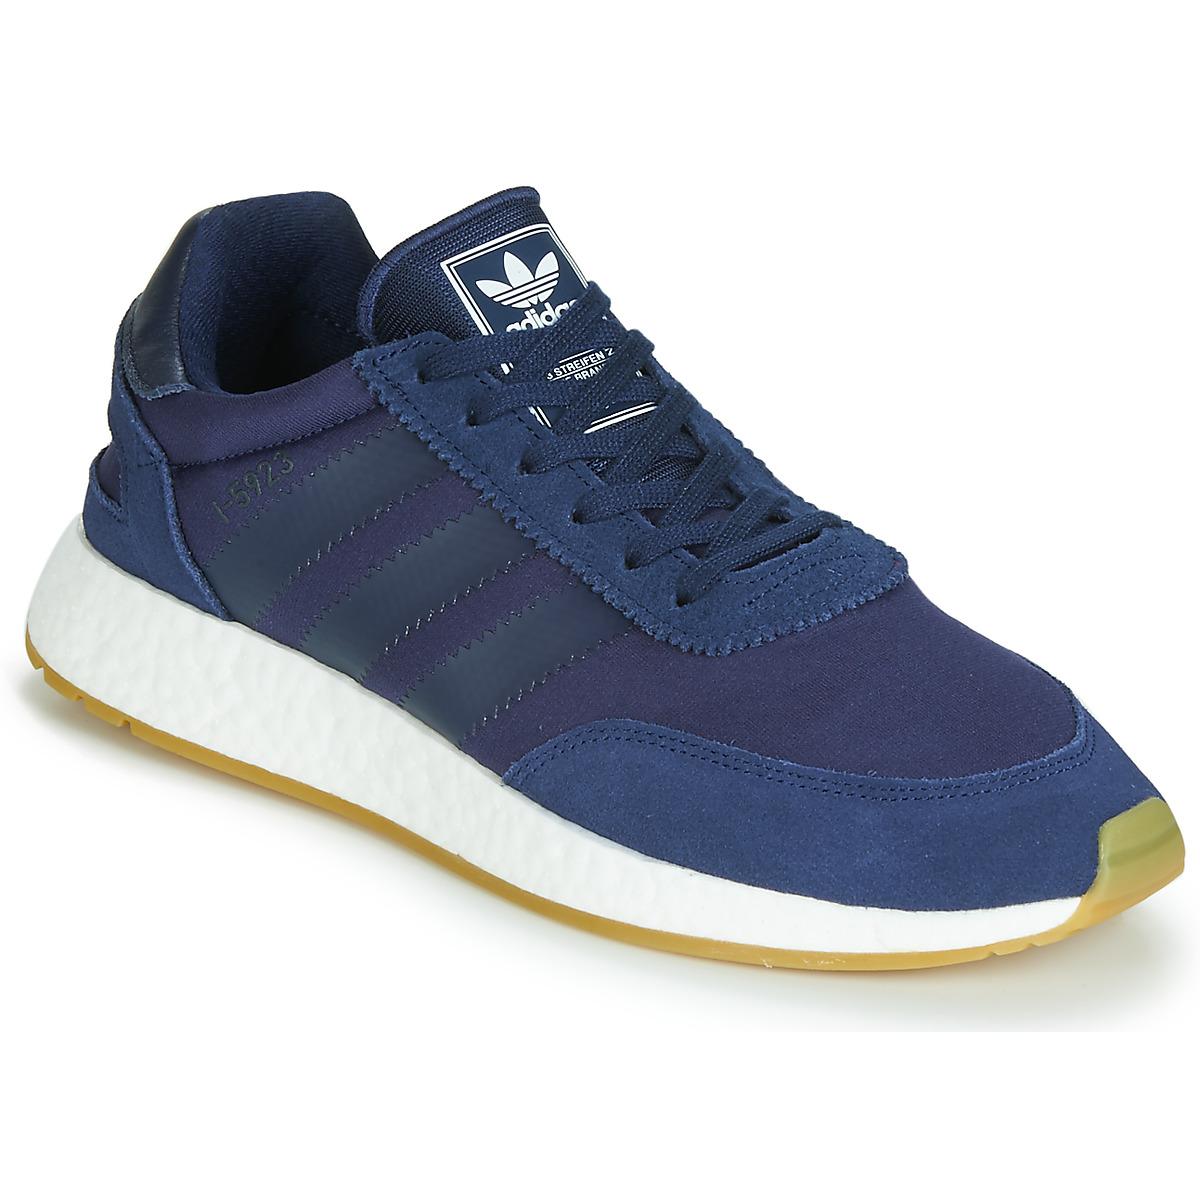 adidas Originals I-5923 Blue / Navy